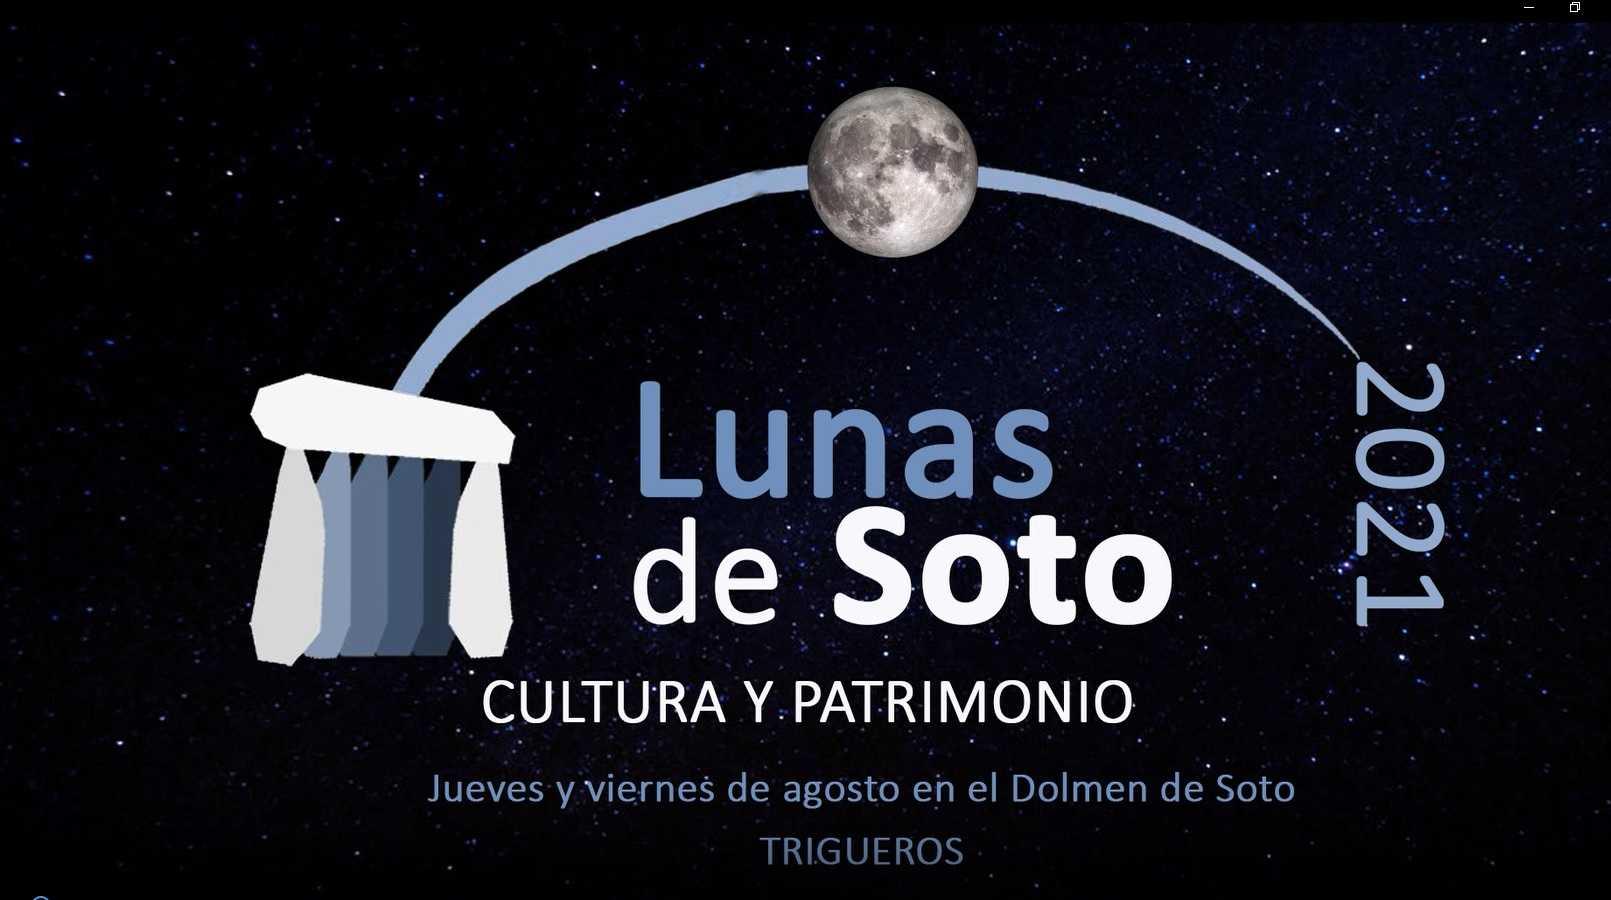 Lunas de Soto (Dolmen de Soto de Trigueros)